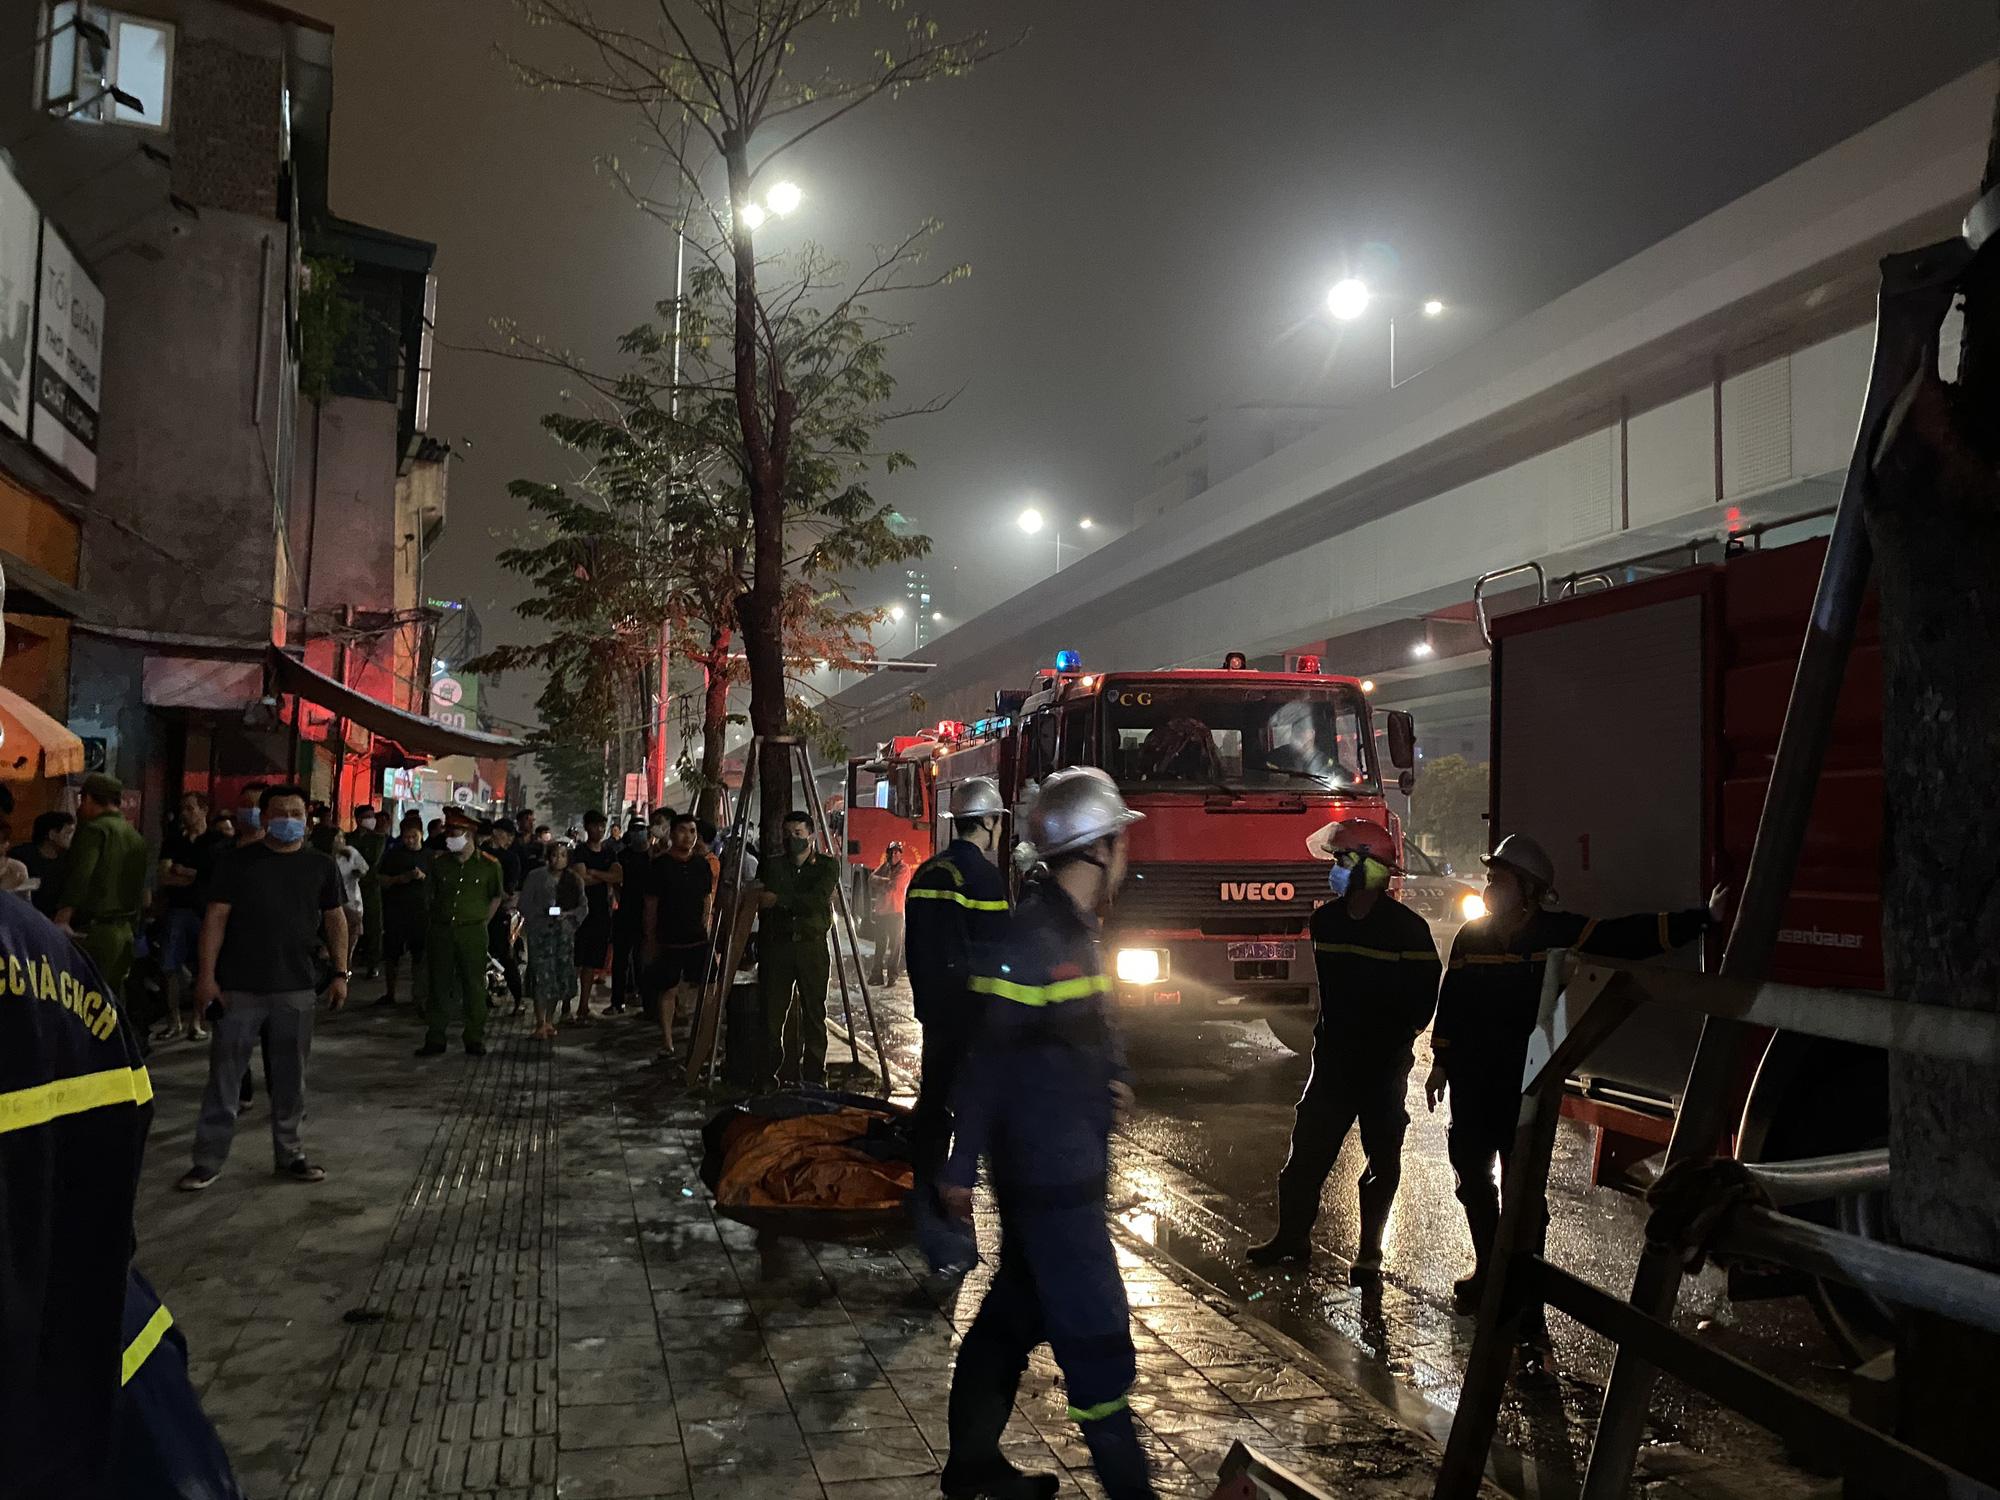 Sập giàn giáo trong đêm, hàng chục cảnh sát giải cứu người đàn ông mắc kẹt trong đống đổ nát  - Ảnh 3.